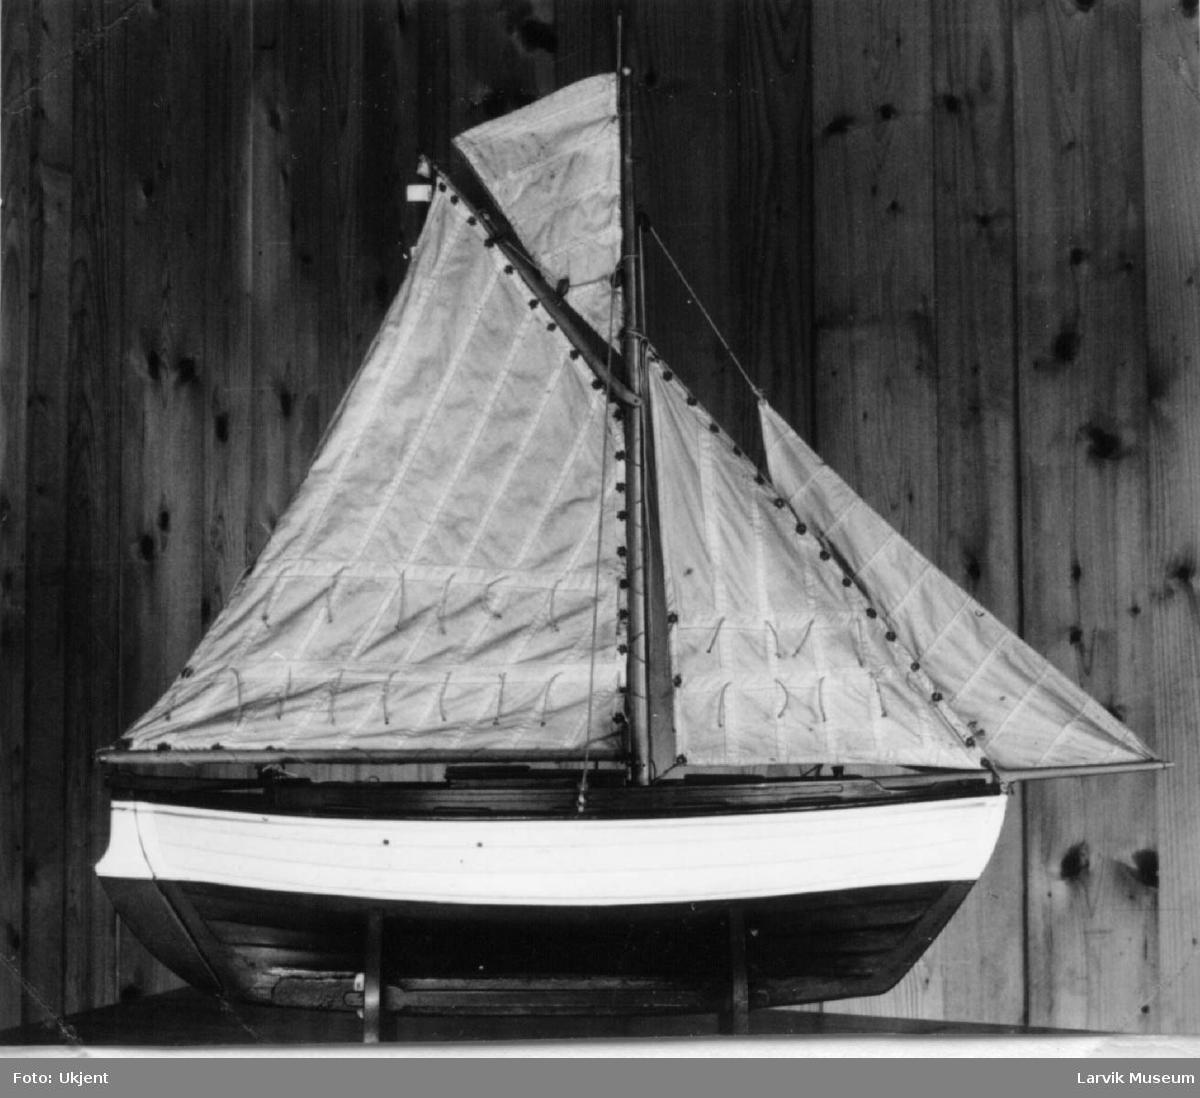 """Modell av Tenviksbåt - """"Stormtusten"""" med seil"""